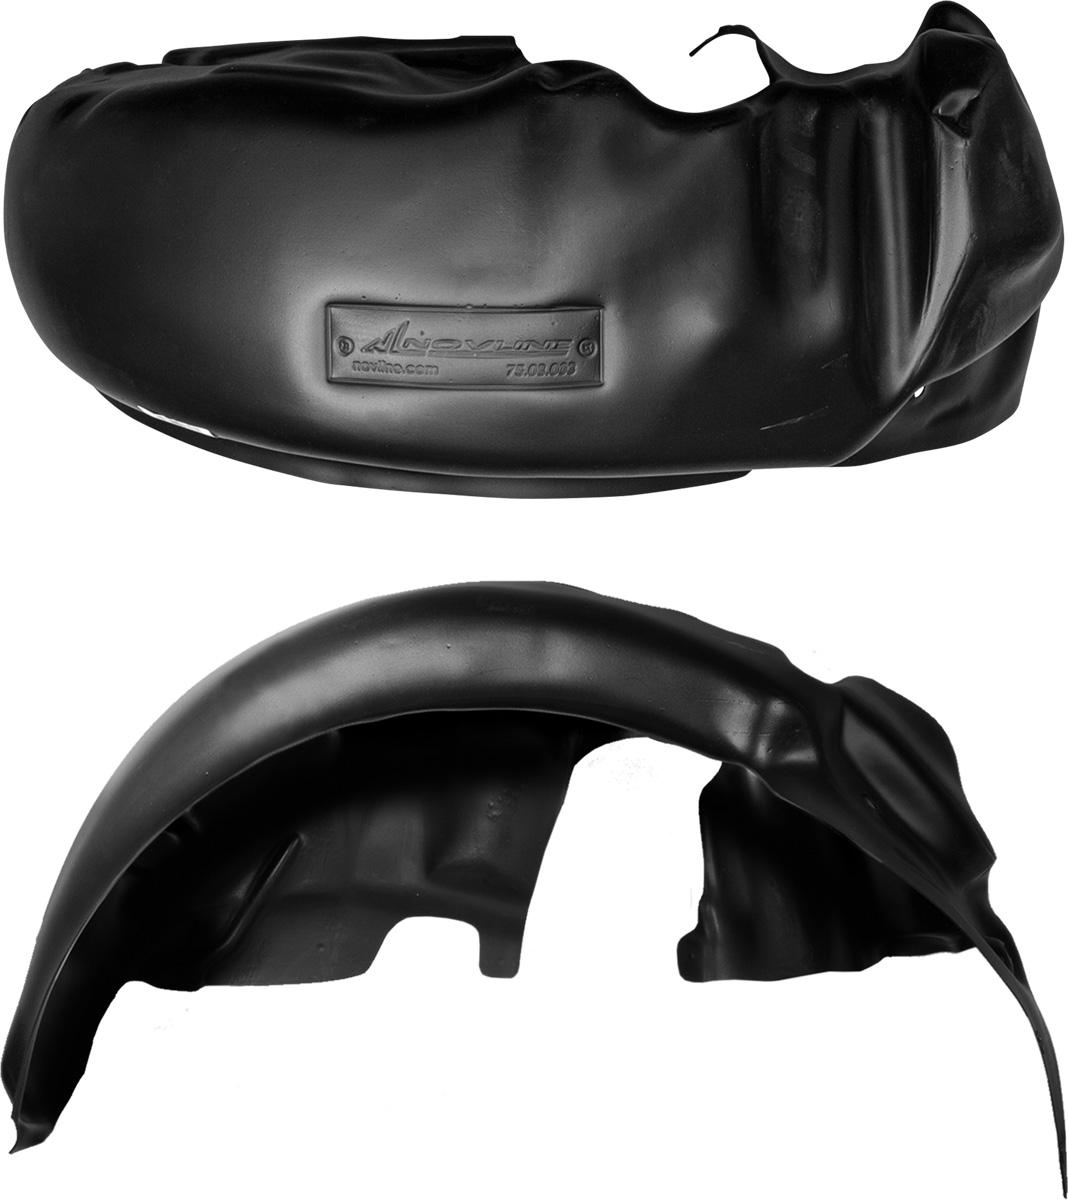 Подкрылок Novline-Autofamily, для Mazda CX-5, 2012-2015, задний правыйBI.MA.09.004Колесные ниши - одни из самых уязвимых зон днища вашего автомобиля. Они постоянно подвергаются воздействию со стороны дороги. Лучшая, почти абсолютная защита для них - специально отформованные пластиковые кожухи, которые называются подкрылками. Производятся они как для отечественных моделей автомобилей, так и для иномарок. Подкрылки Novline-Autofamily выполнены из высококачественного, экологически чистого пластика. Обеспечивают надежную защиту кузова автомобиля от пескоструйного эффекта и негативного влияния, агрессивных антигололедных реагентов. Пластик обладает более низкой теплопроводностью, чем металл, поэтому в зимний период эксплуатации использование пластиковых подкрылков позволяет лучше защитить колесные ниши от налипания снега и образования наледи. Оригинальность конструкции подчеркивает элегантность автомобиля, бережно защищает нанесенное на днище кузова антикоррозийное покрытие и позволяет осуществить крепление подкрылков внутри колесной арки практически без дополнительного крепежа и сверления, не нарушая при этом лакокрасочного покрытия, что предотвращает возникновение новых очагов коррозии. Подкрылки долговечны, обладают высокой прочностью и сохраняют заданную форму, а также все свои физико-механические характеристики в самых тяжелых климатических условиях (от -50°С до +50°С).Уважаемые клиенты!Обращаем ваше внимание, на тот факт, что подкрылок имеет форму, соответствующую модели данного автомобиля. Фото служит для визуального восприятия товара.